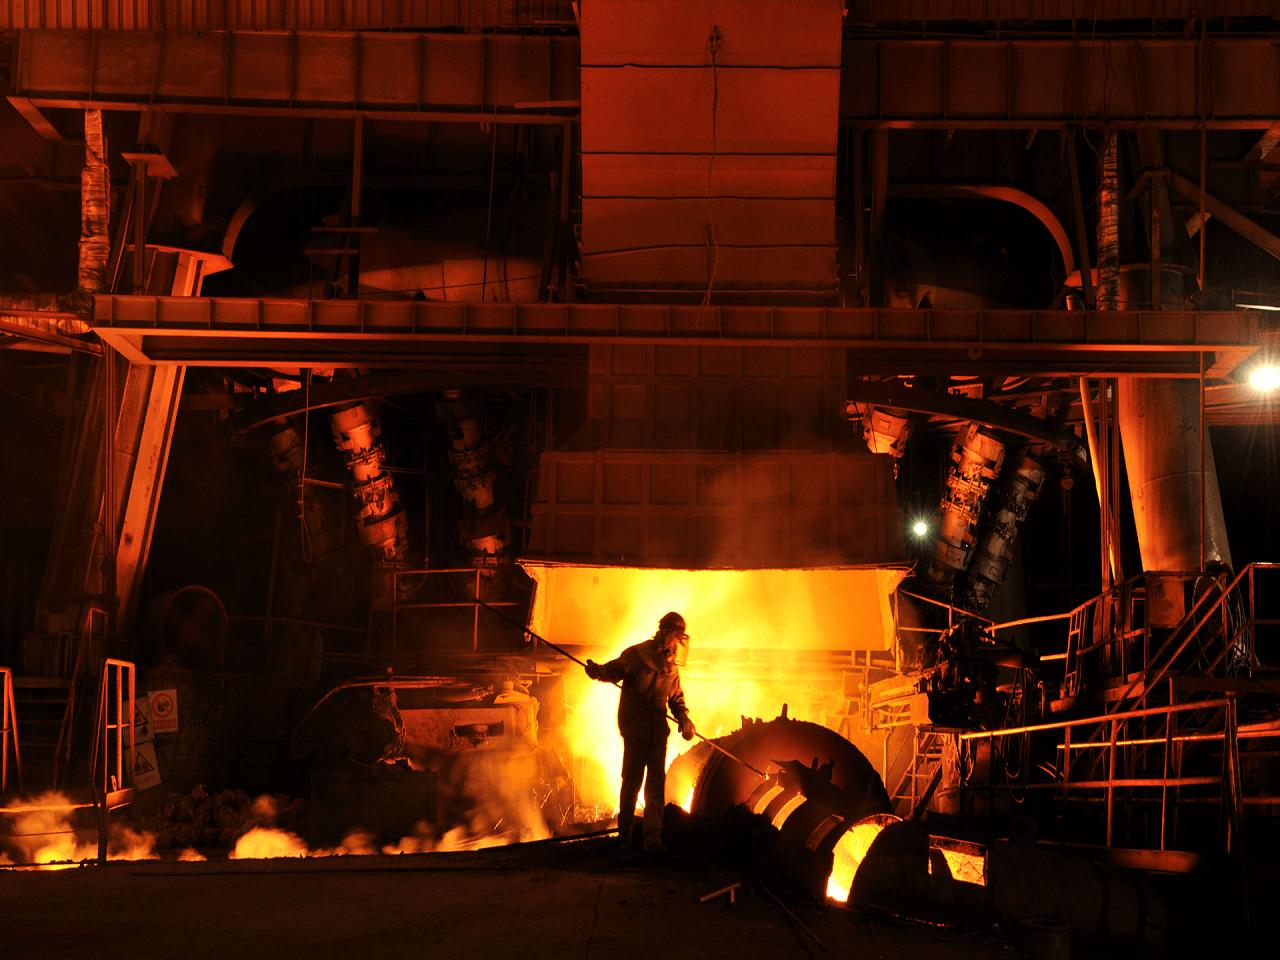 Demir-Çelik Üreticileri AB'nin Çelik Kotasına Misilleme İstiyor